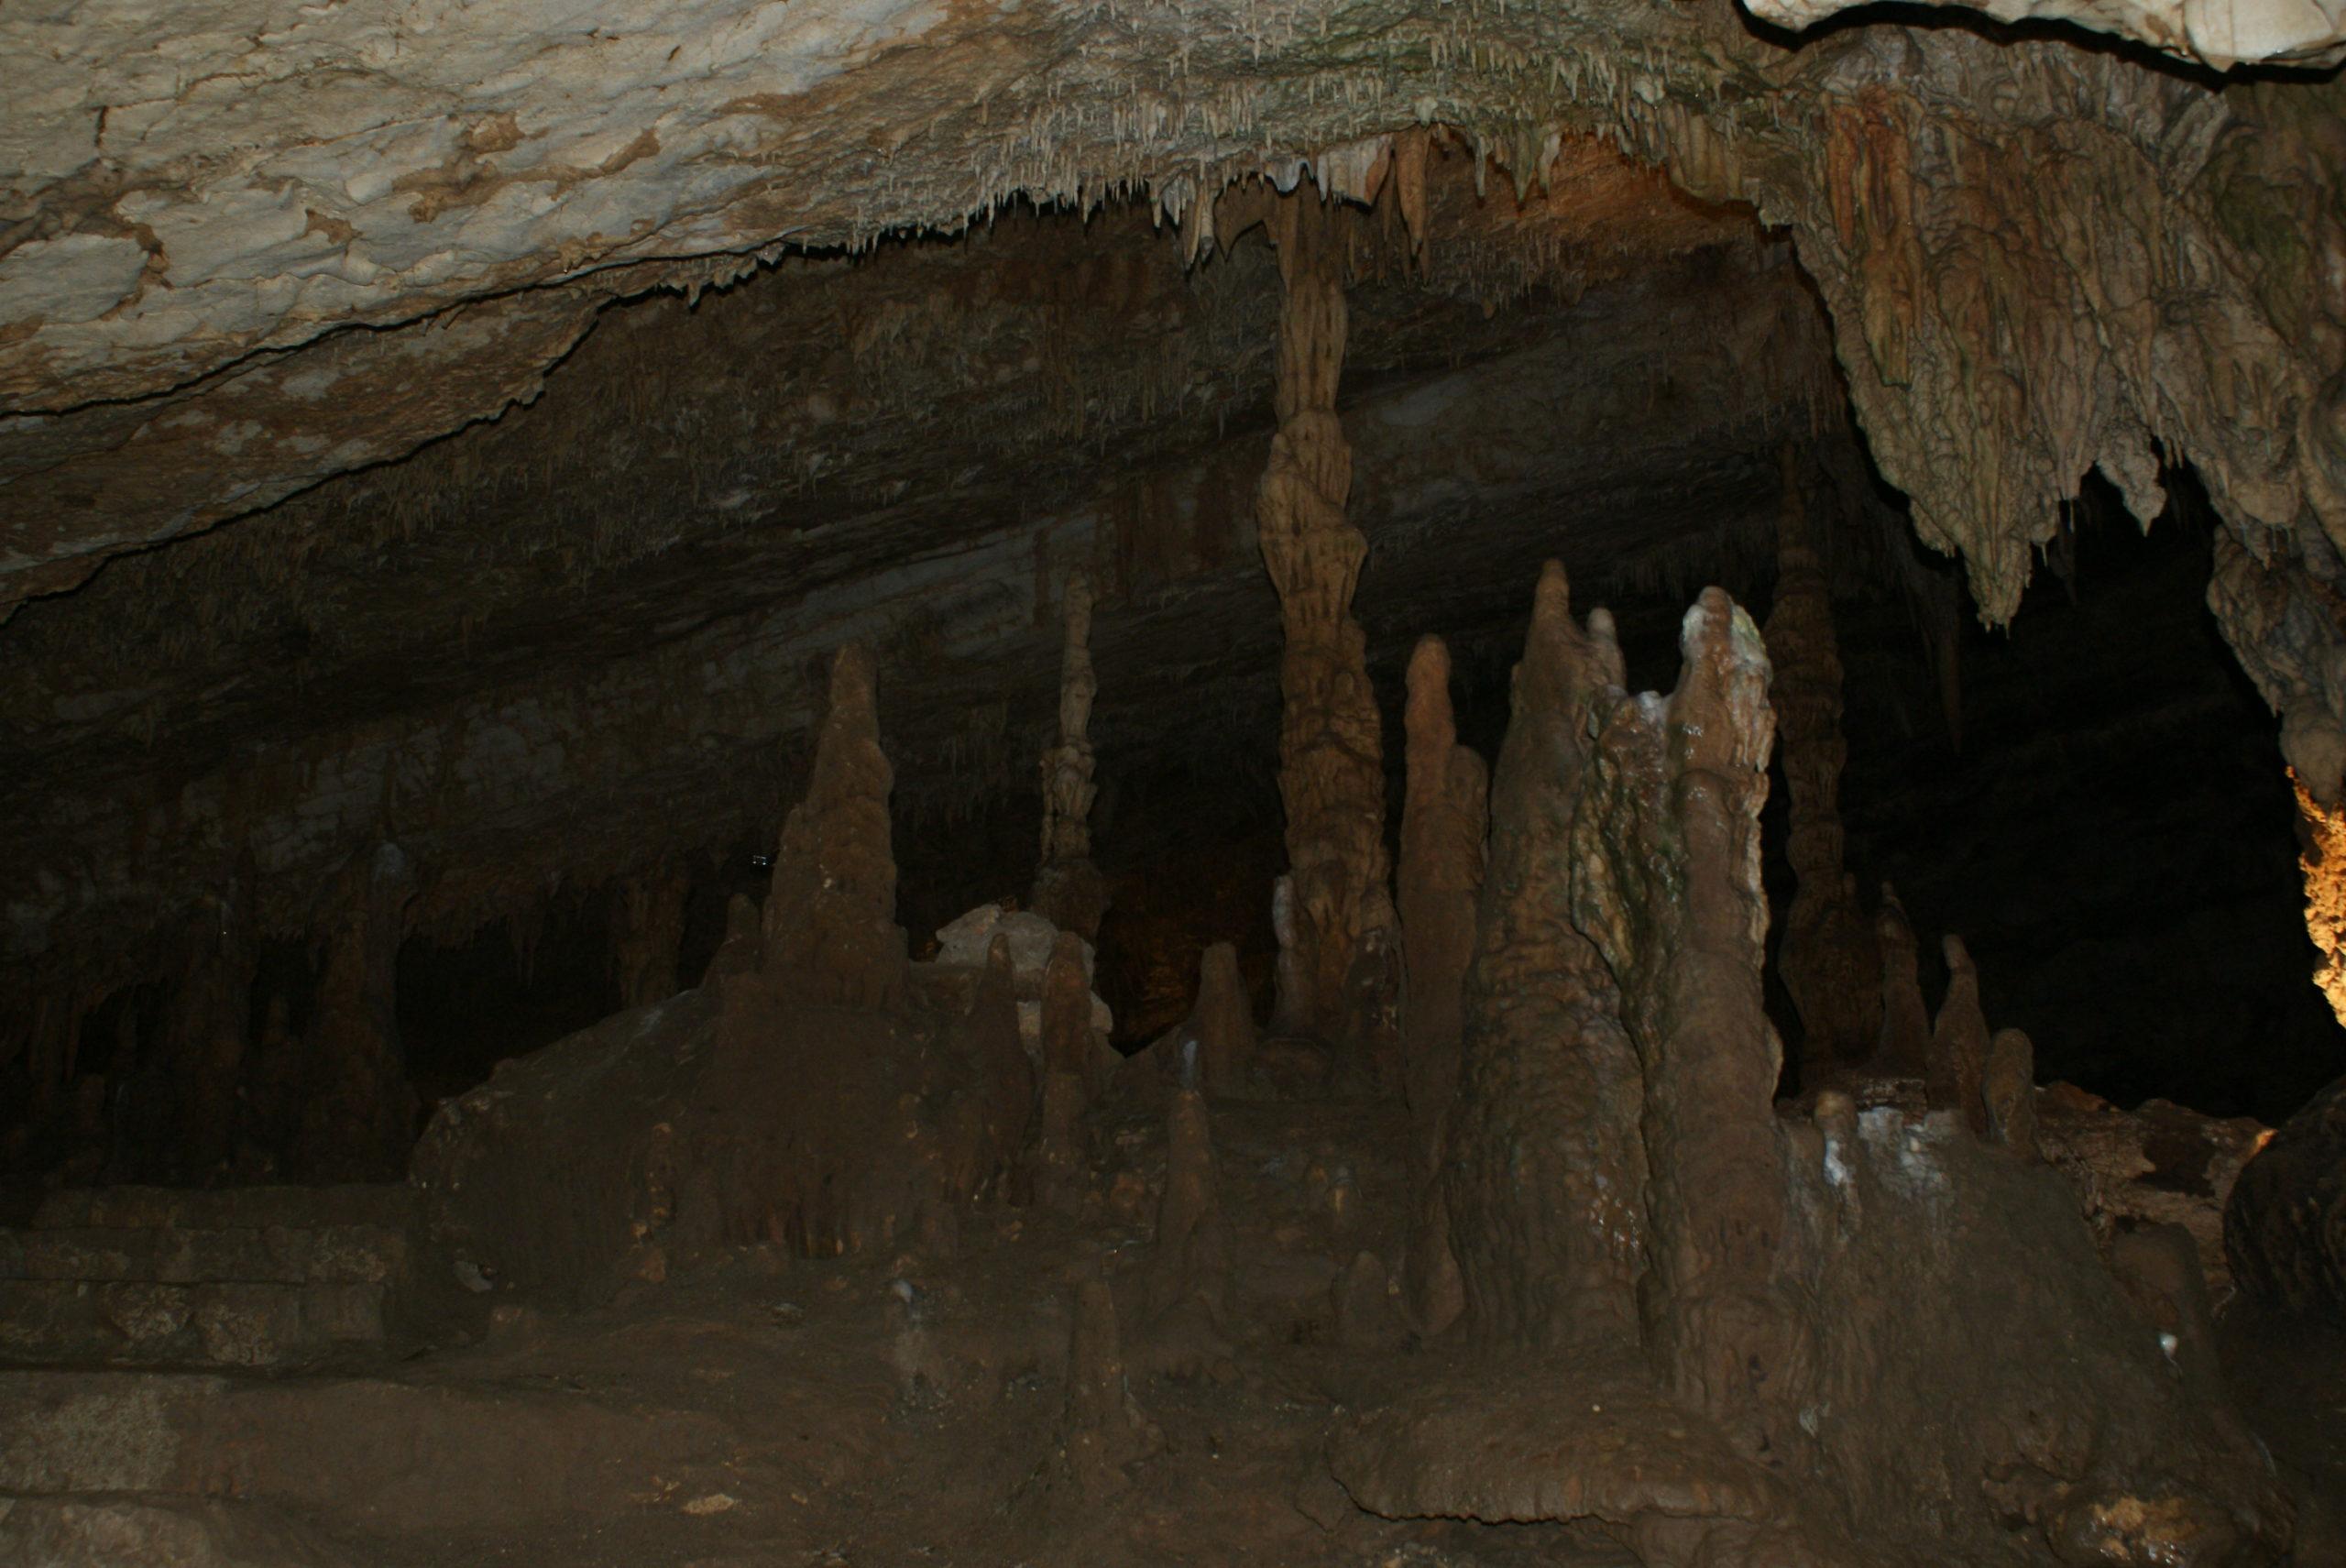 Grotte di Castelcivita (Salerno)